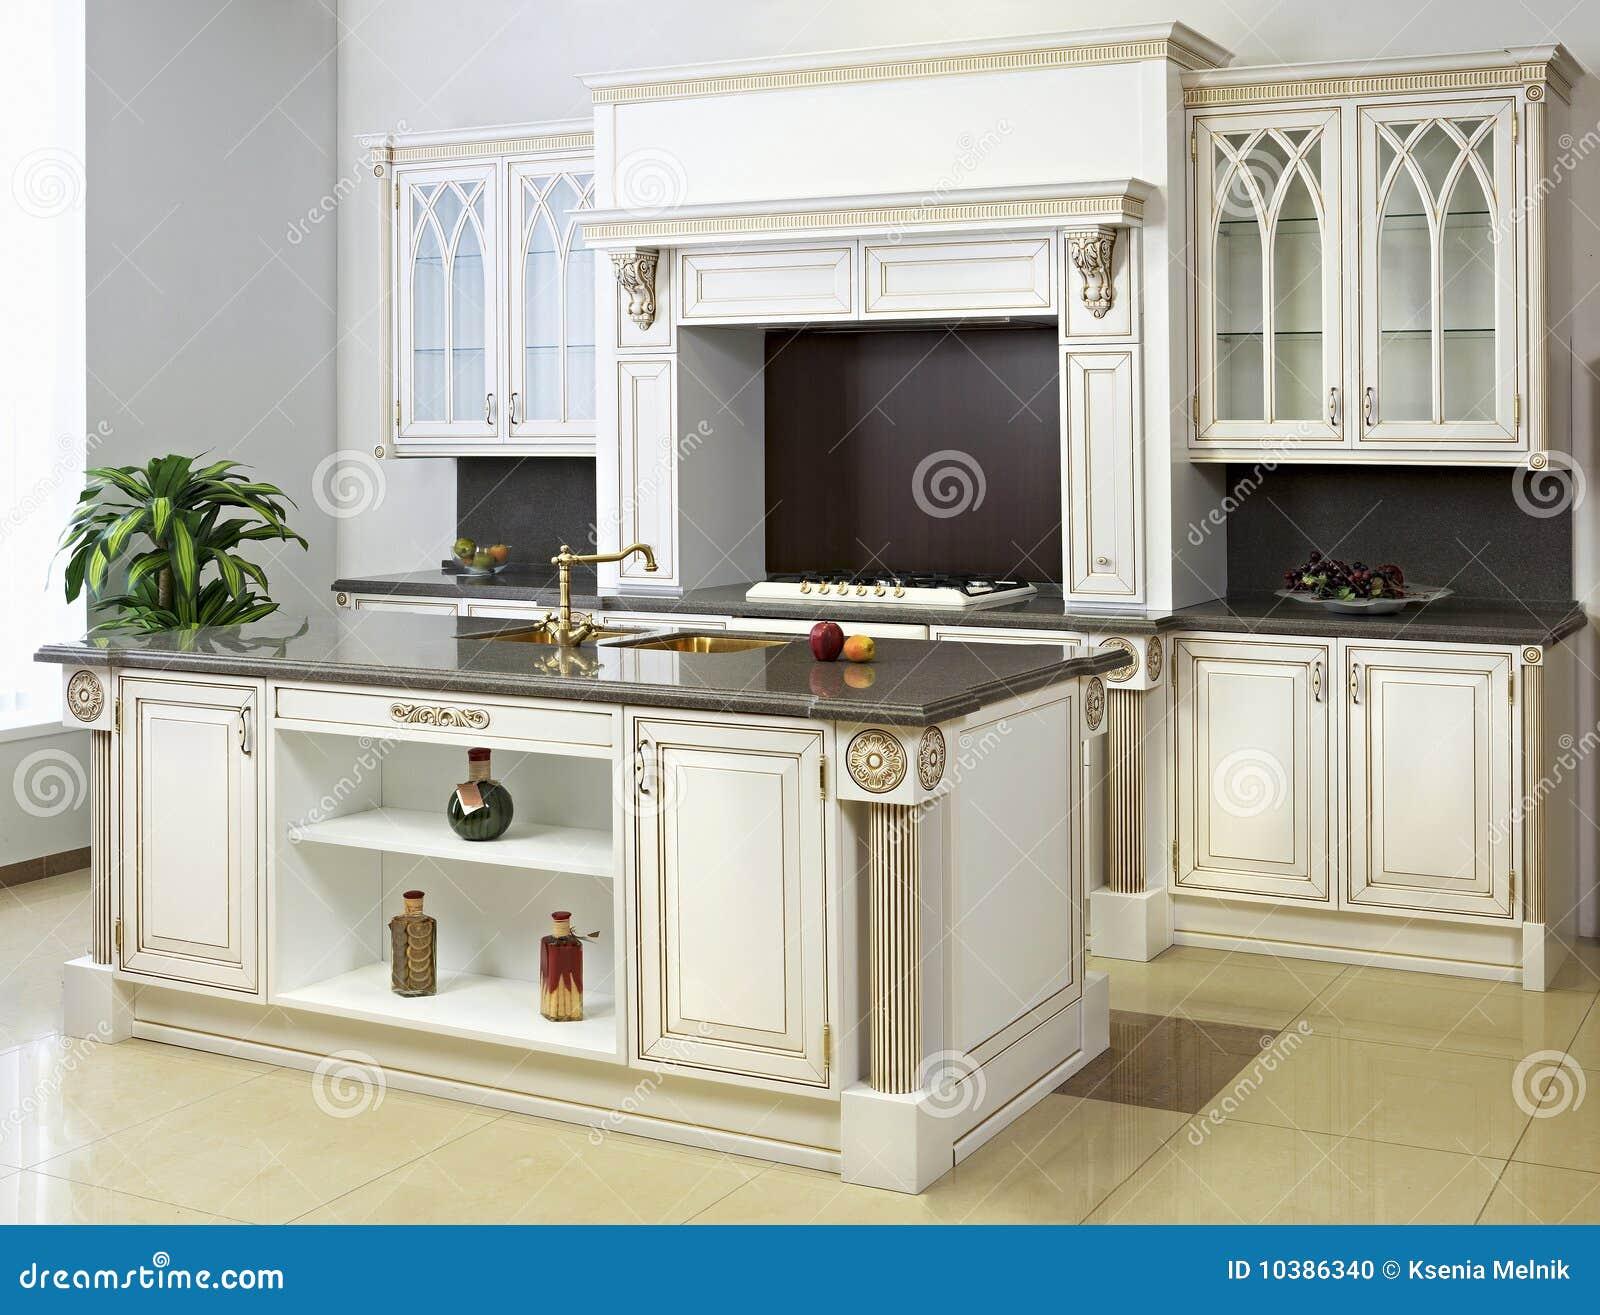 Cocina blanca con la isla foto de archivo imagen de for Cocinas blancas con isla